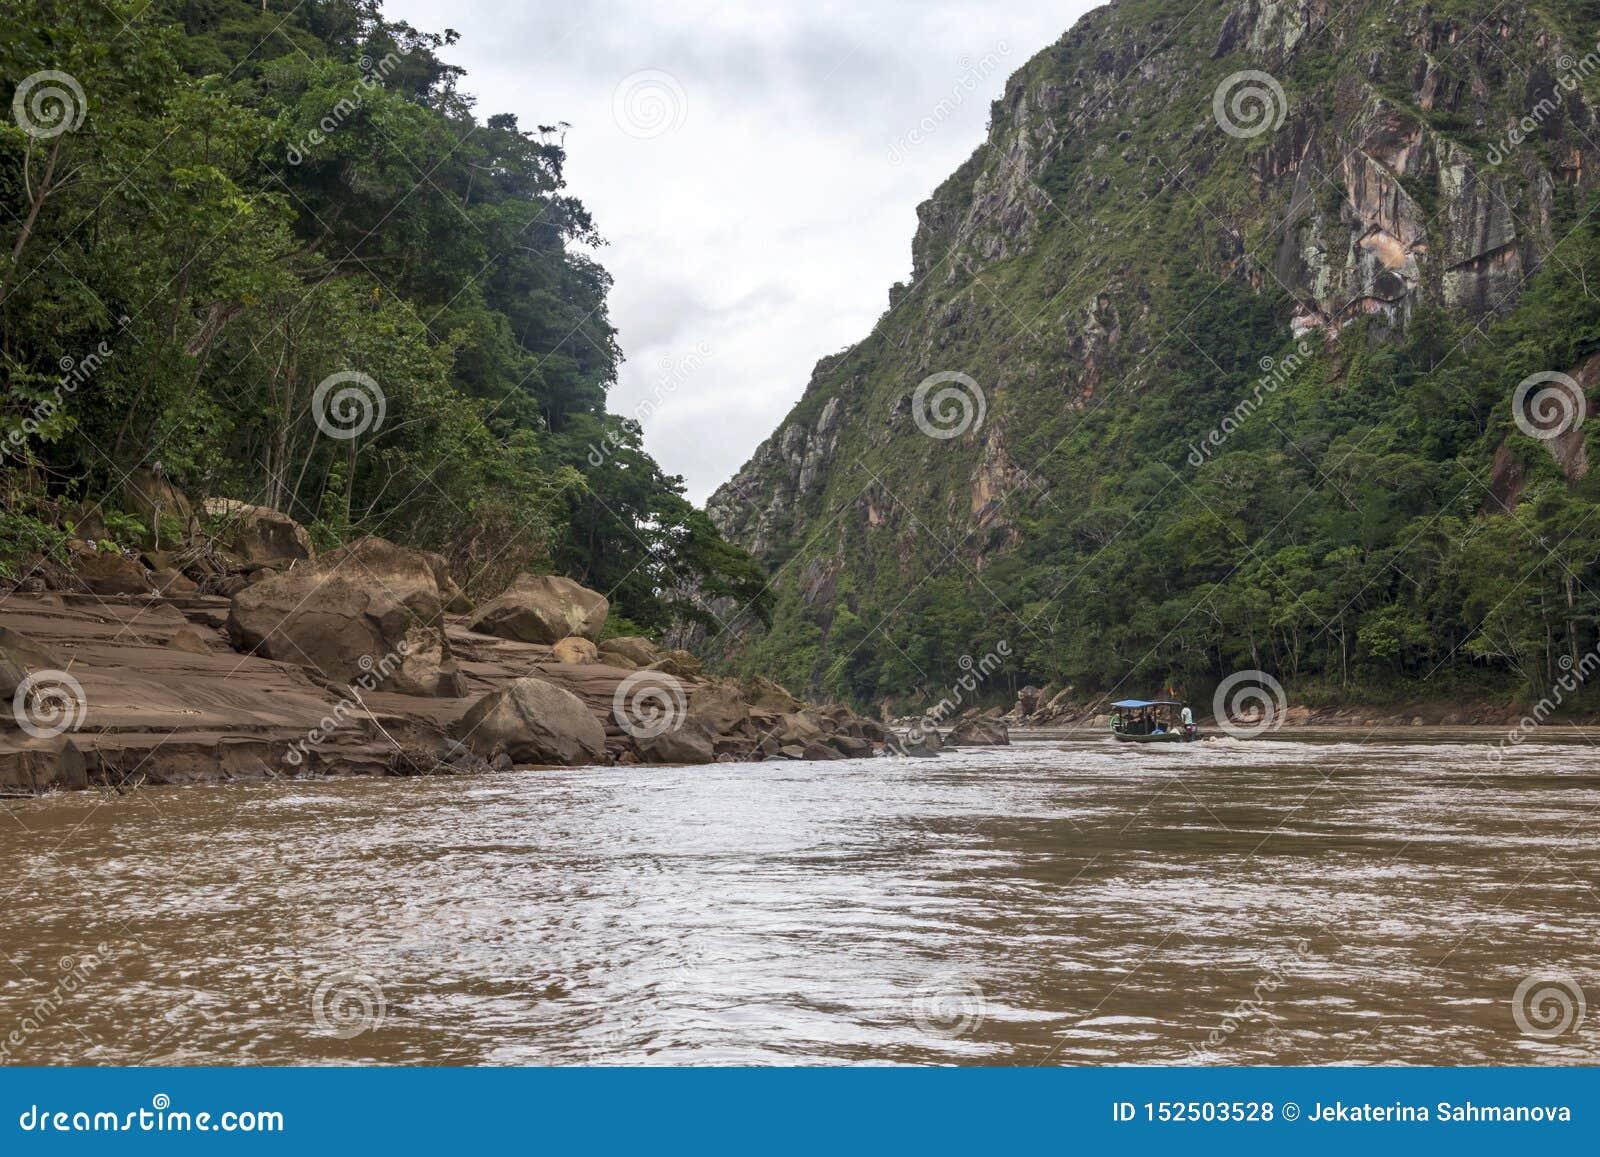 Vista del río de Beni y de la selva tropical del parque nacional de Madidi en el lavabo superior del río Amazonas en Bolivia, Sur